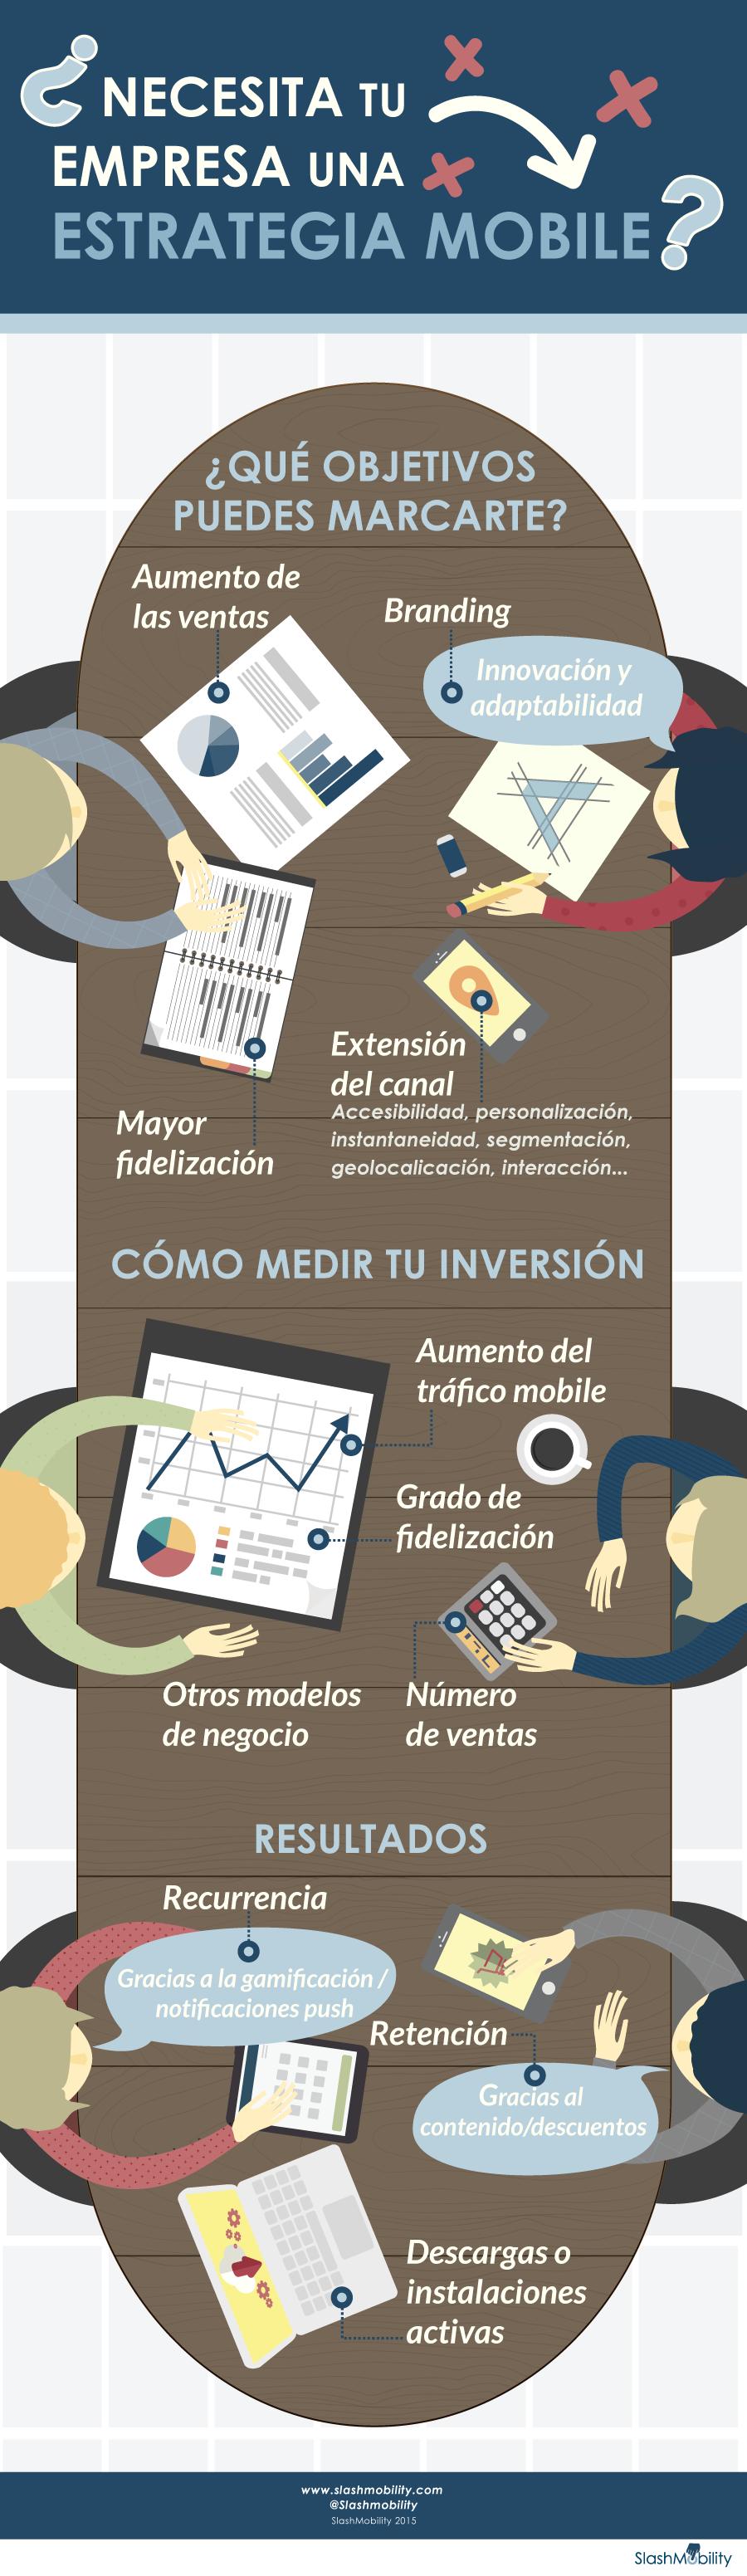 estrategia_mobile_es